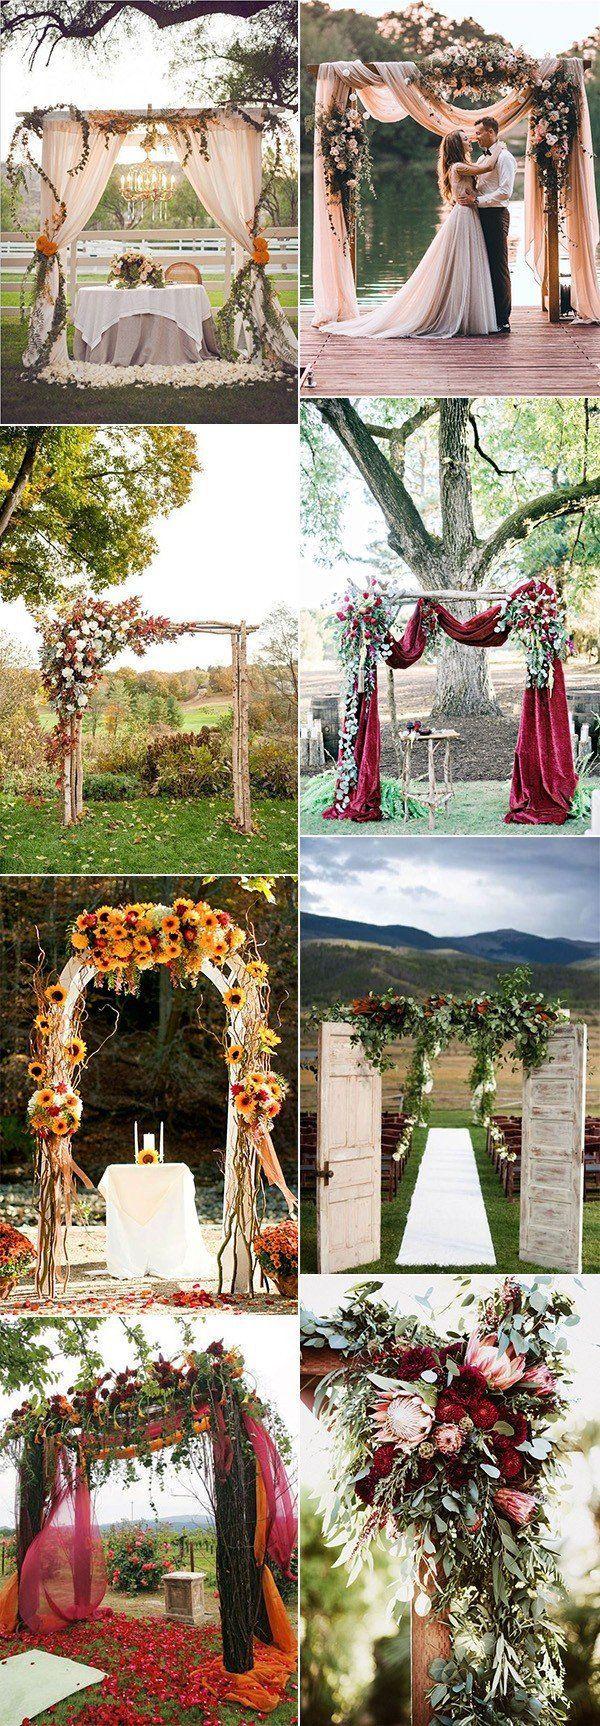 Fall wedding decor ideas  wedding arches decoration ideas for fall  Wedding things